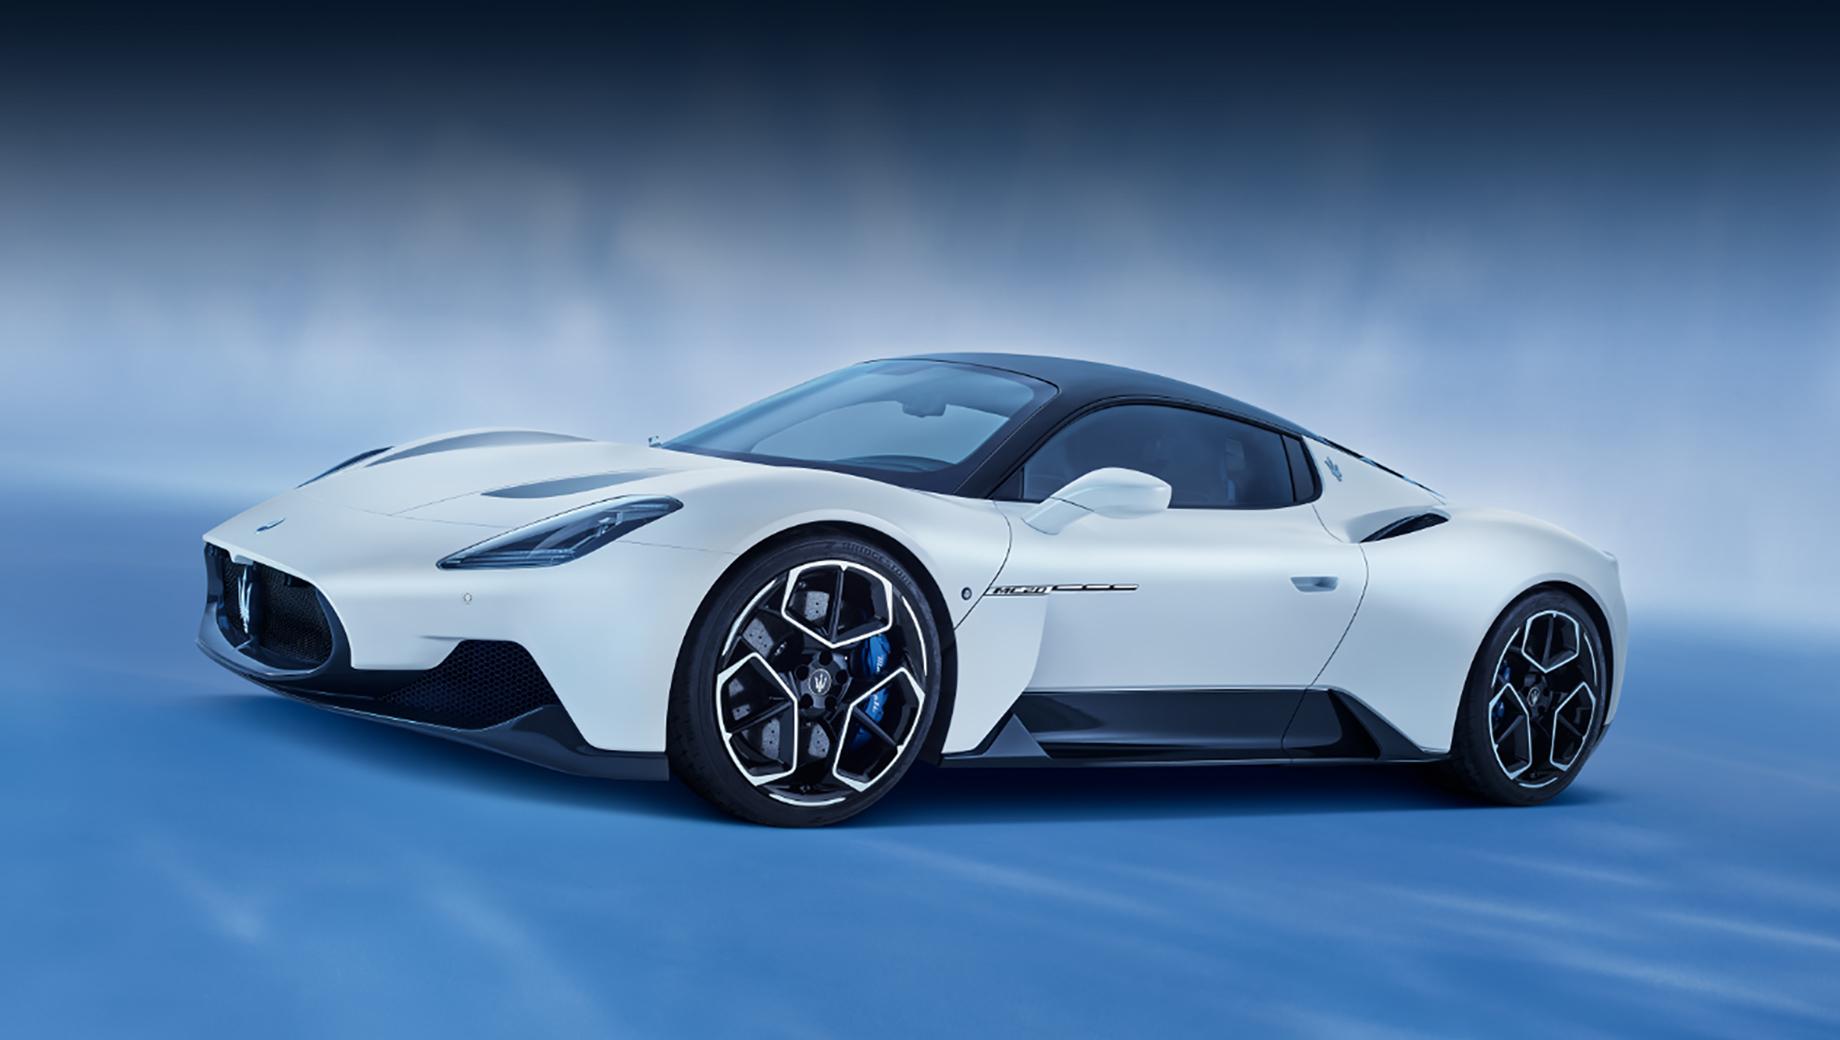 Maserati mc20. Длина, ширина, высота купе равны 4669, 1965, 1221 мм, колёсная база — 2700 мм. Багажники: 50 л спереди и 100 л сзади. Углепластиковый монокок позволил получить снаряжённую массу менее, чем 1500 кг.